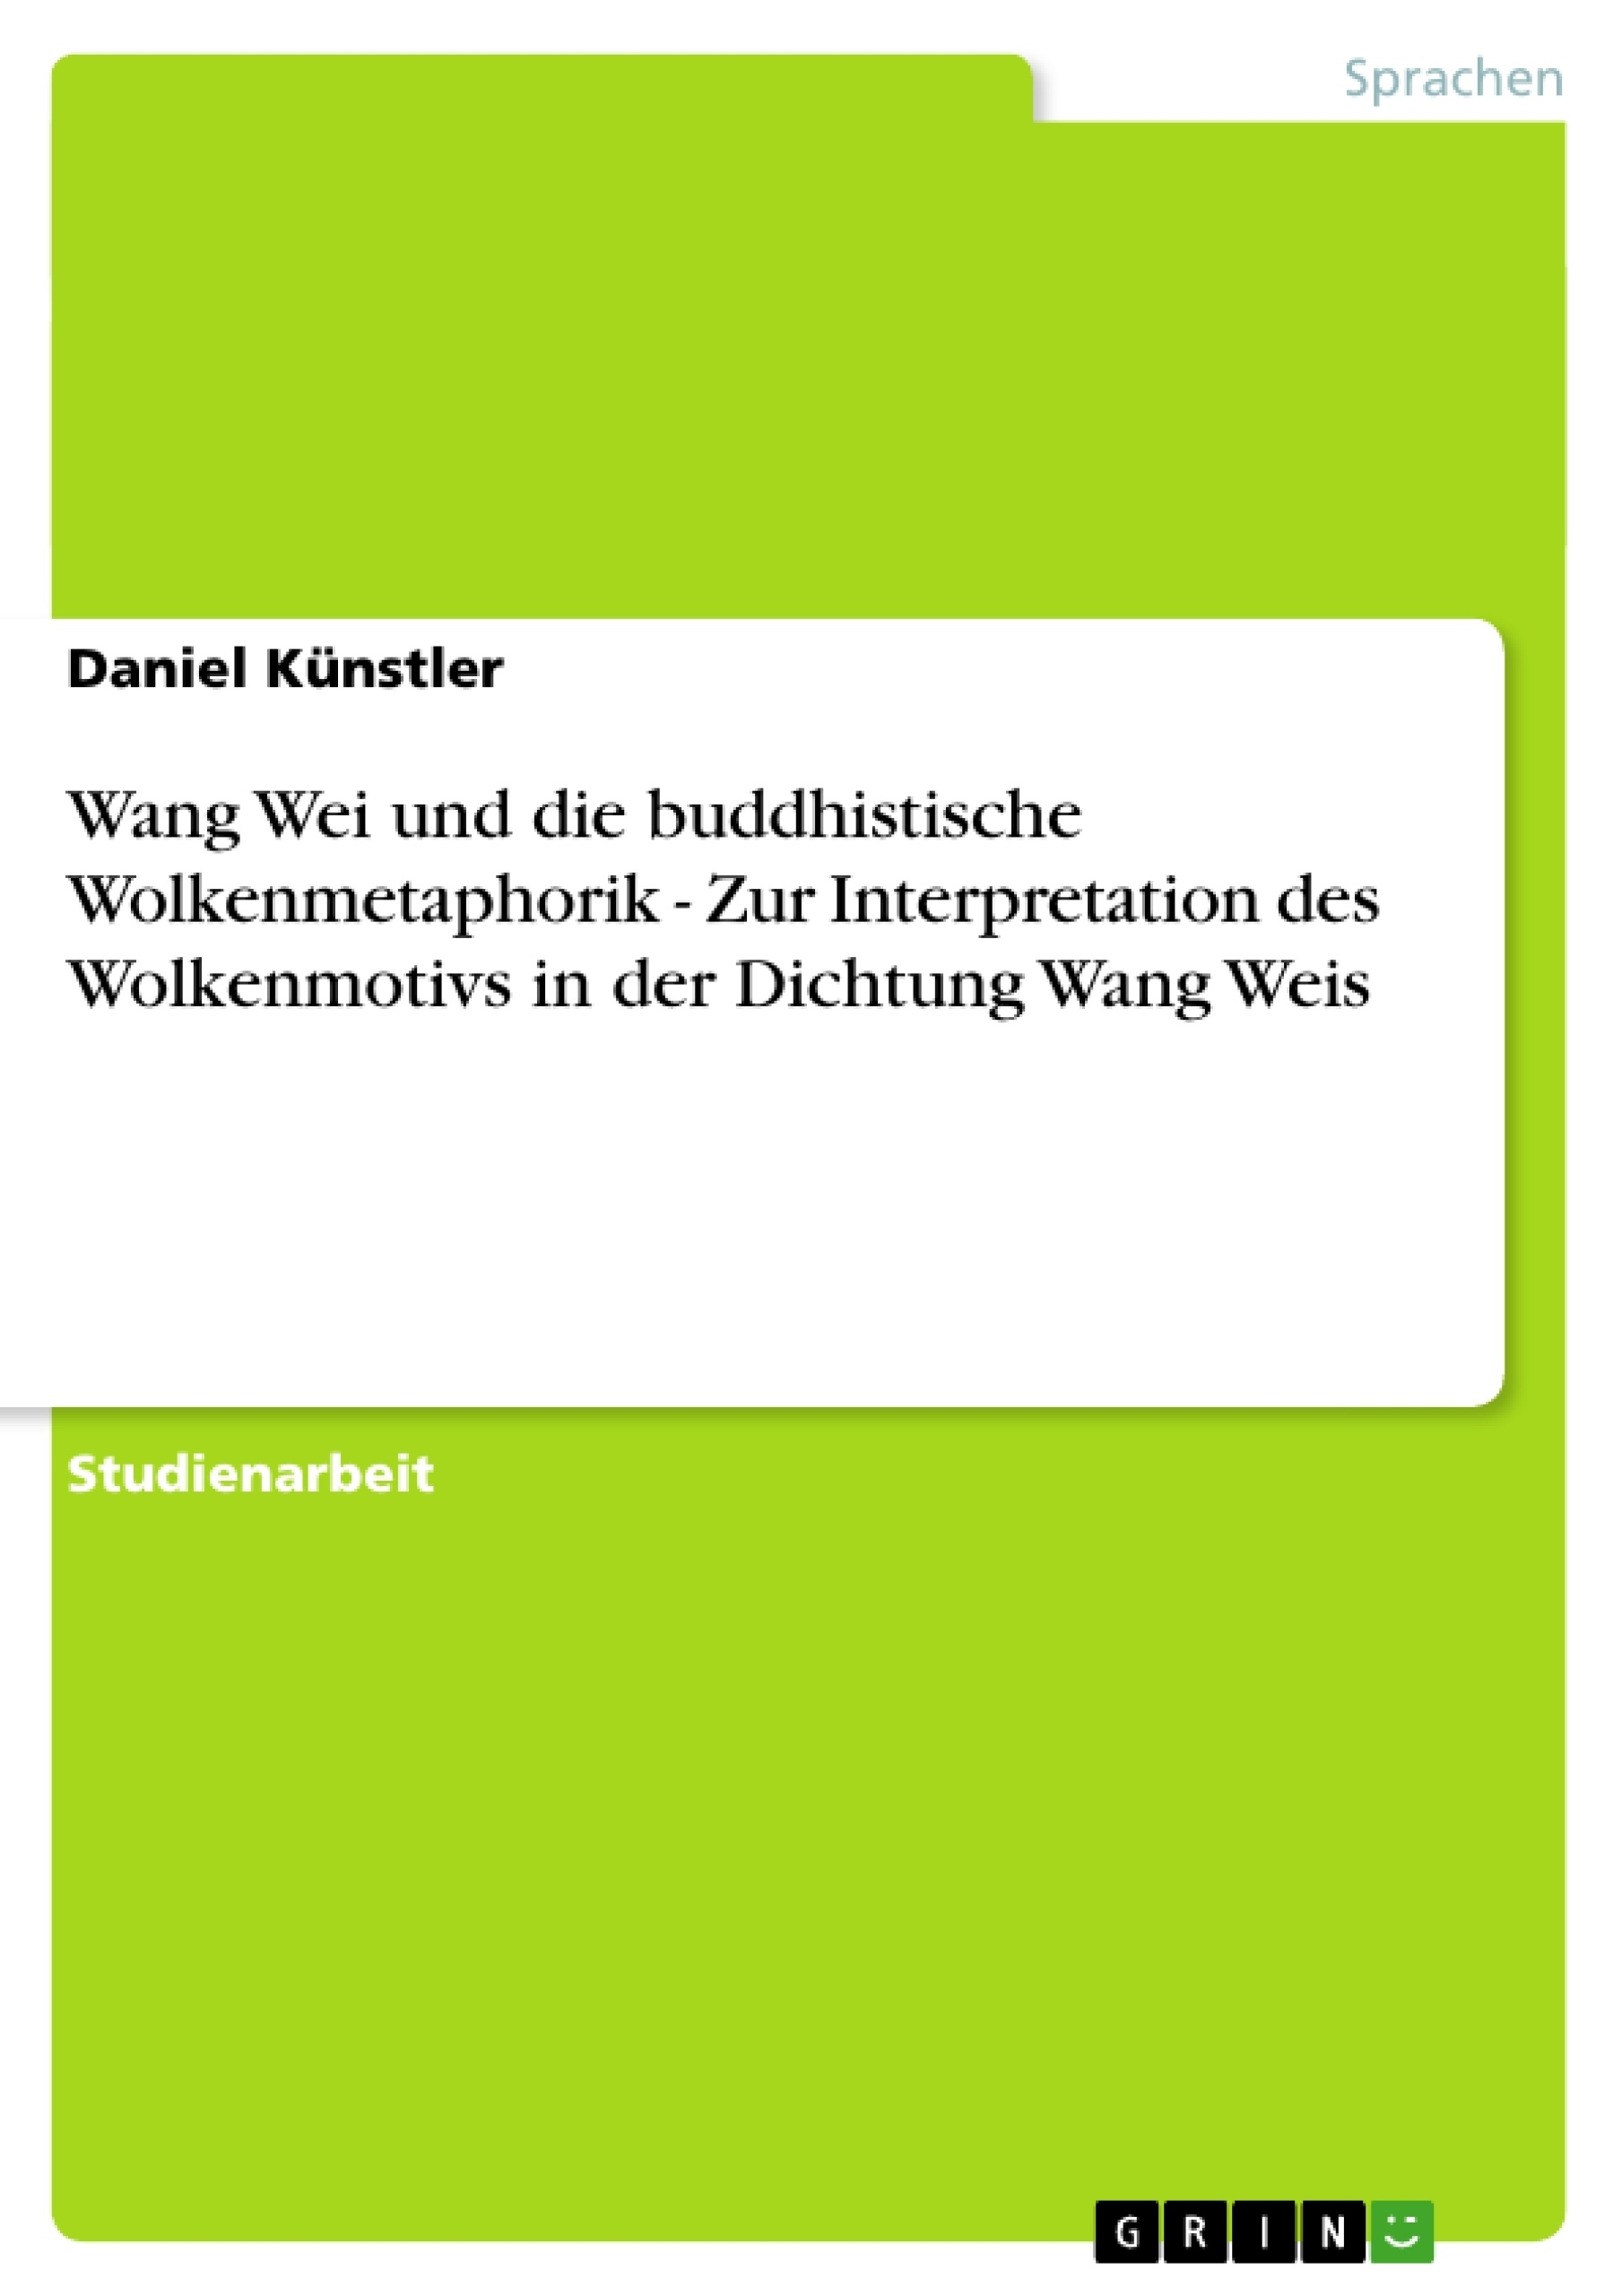 Titel: Wang Wei und die buddhistische Wolkenmetaphorik - Zur Interpretation des Wolkenmotivs in der Dichtung Wang Weis